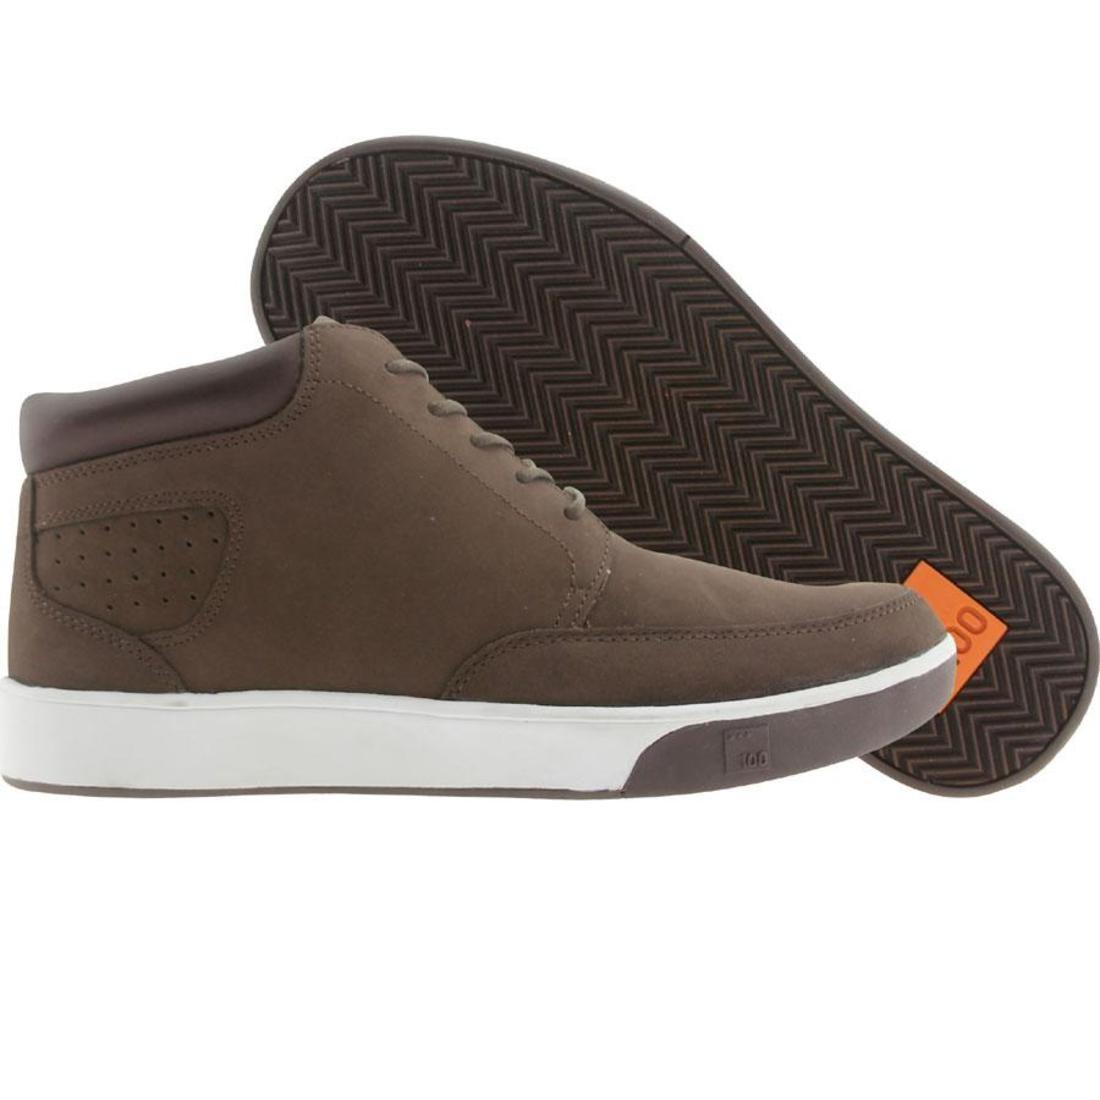 【海外限定】スニーカー メンズ靴 【 100 STYLES AND RUNNING ABBOTT CHOCOLATE BROWN 】